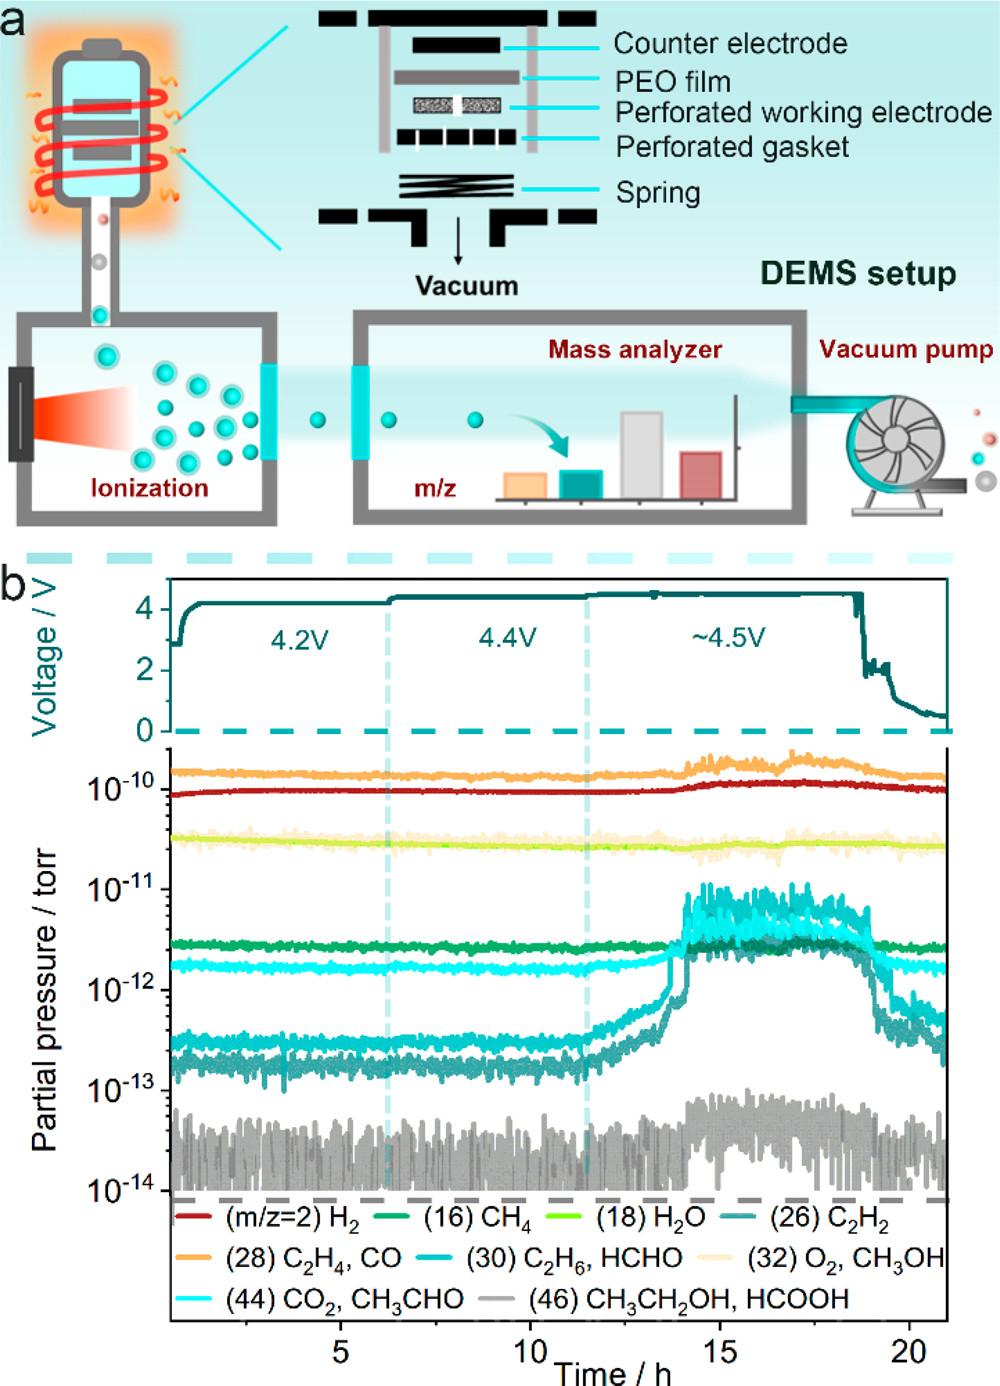 李泓&禹习谦ACS Energy Lett.:通过正极包覆将PEO聚合物电解质工作电压提升至4.5 V